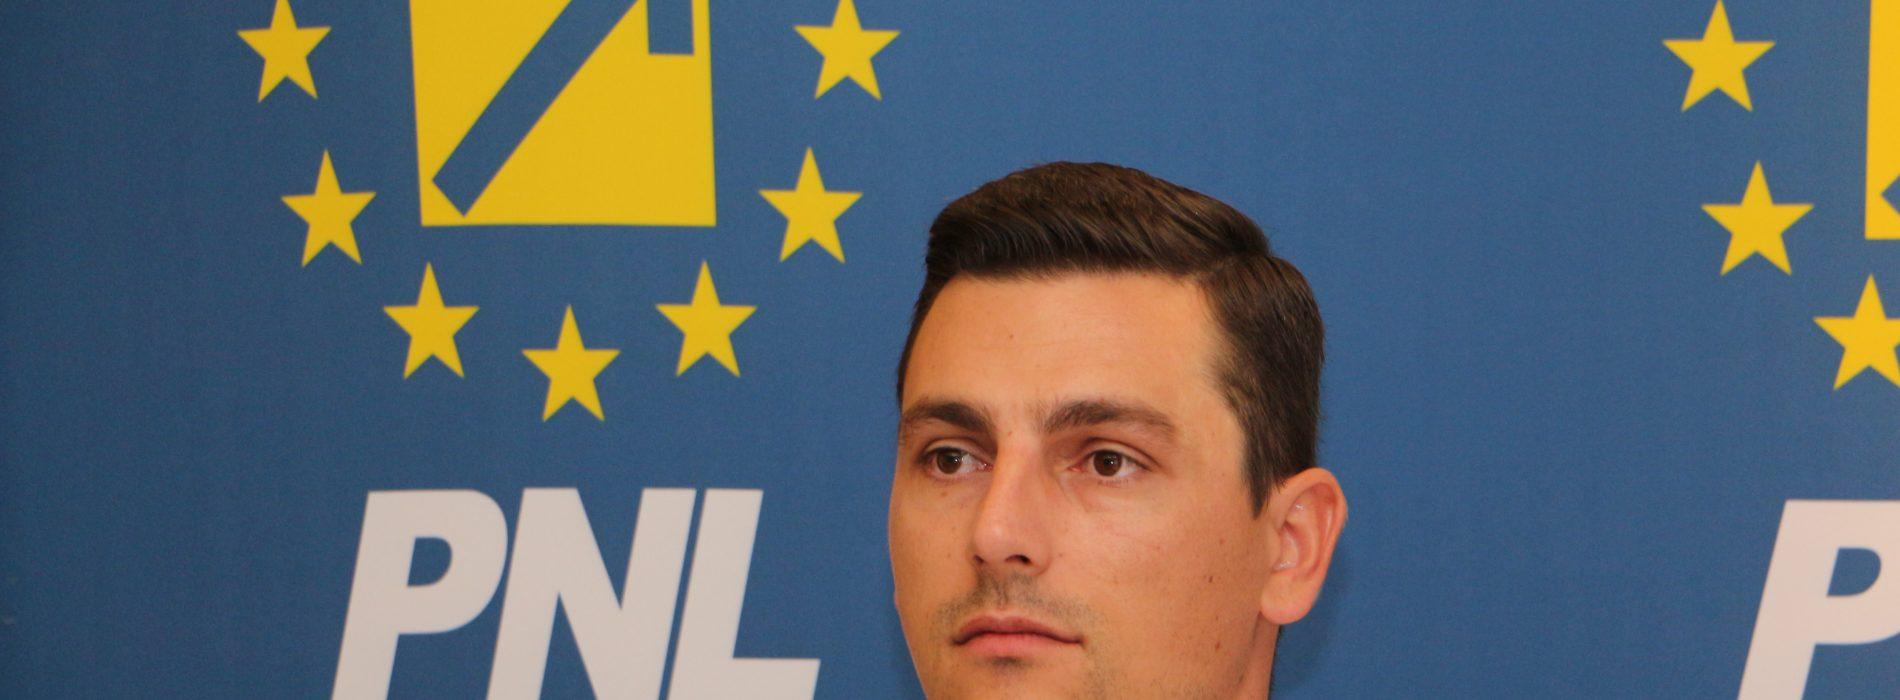 """Ionel Bogdan (PNL): """"Sub pretextul remanierii, Liviu Dragnea i-a eliminat din executiv pe cei care l-au criticat"""""""